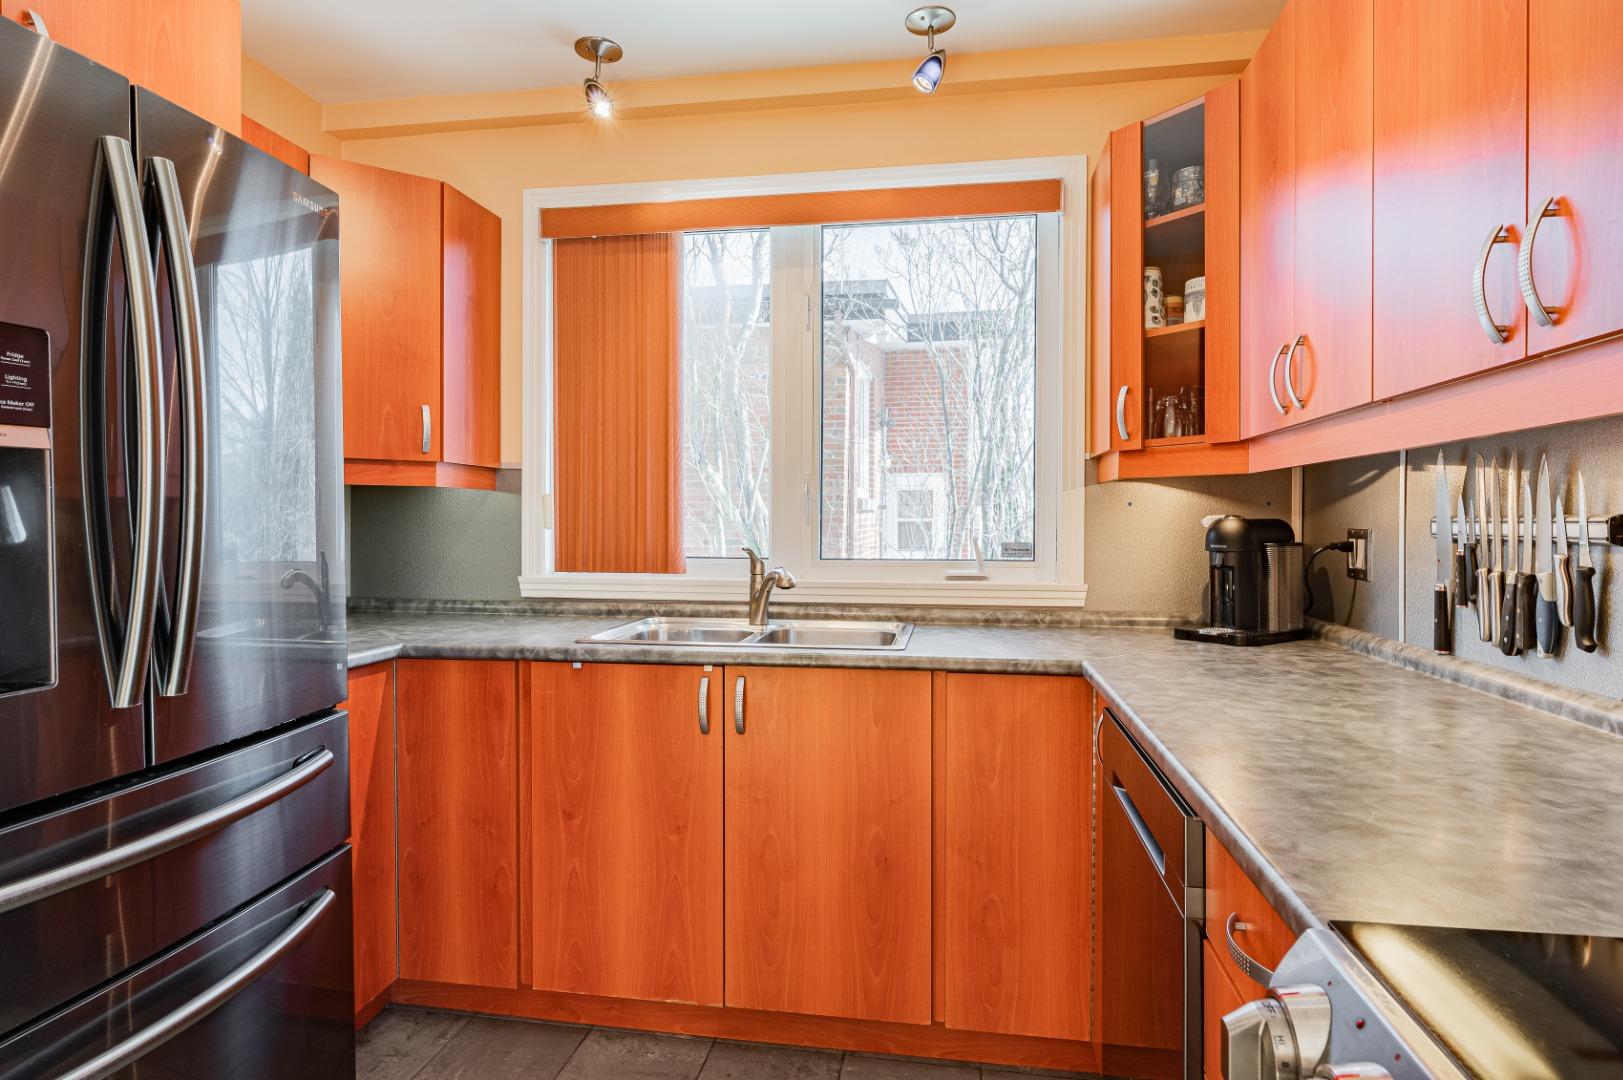 Maison_à_vendre-682_Av_Mondor-Laval-GL(10)-.jpg